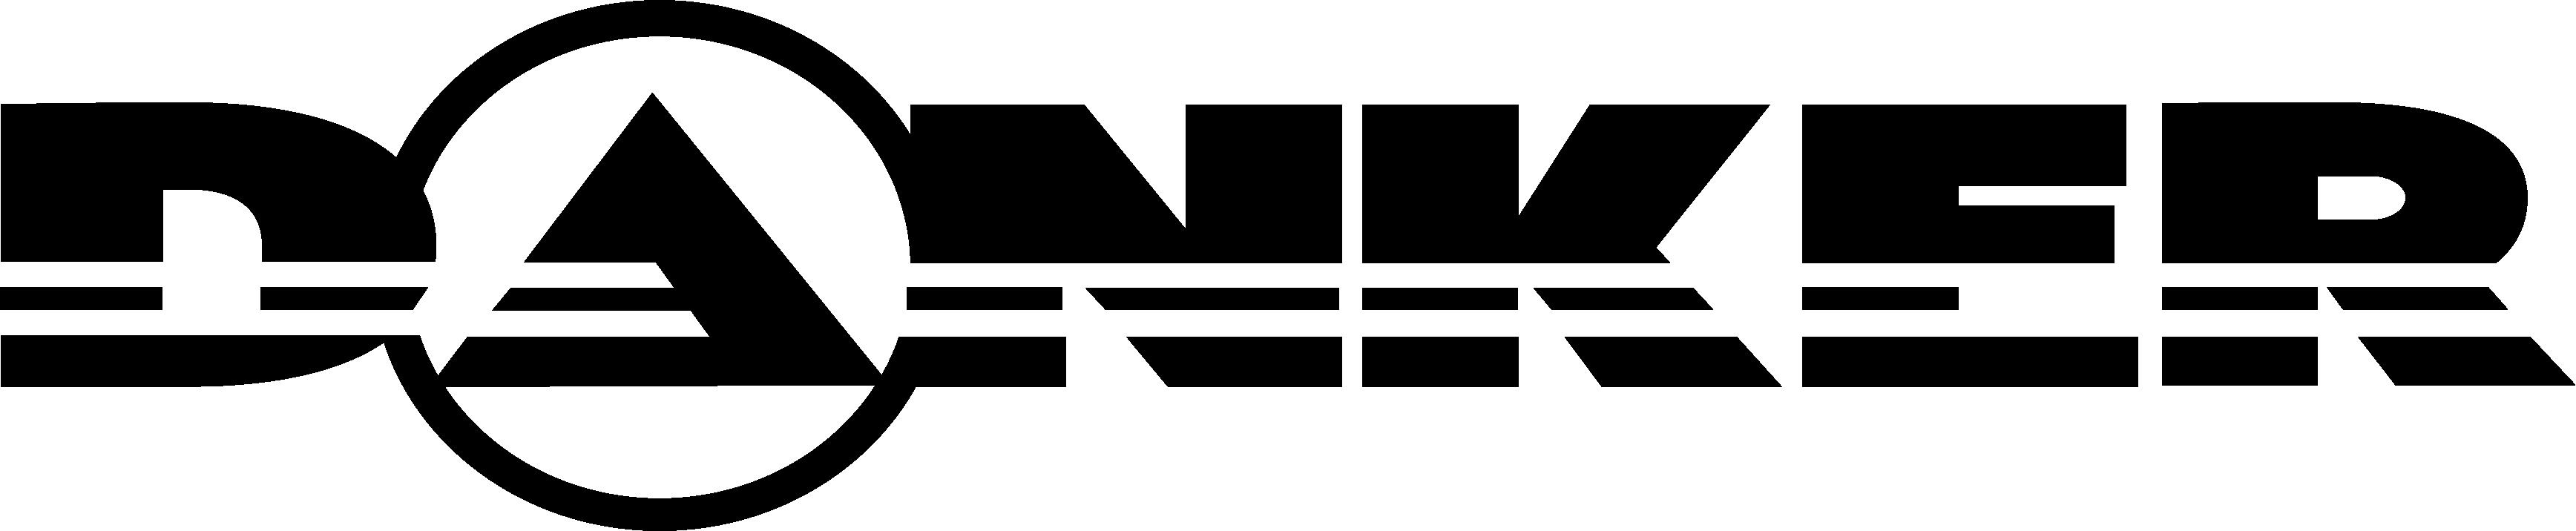 Danker - фильтры для масла